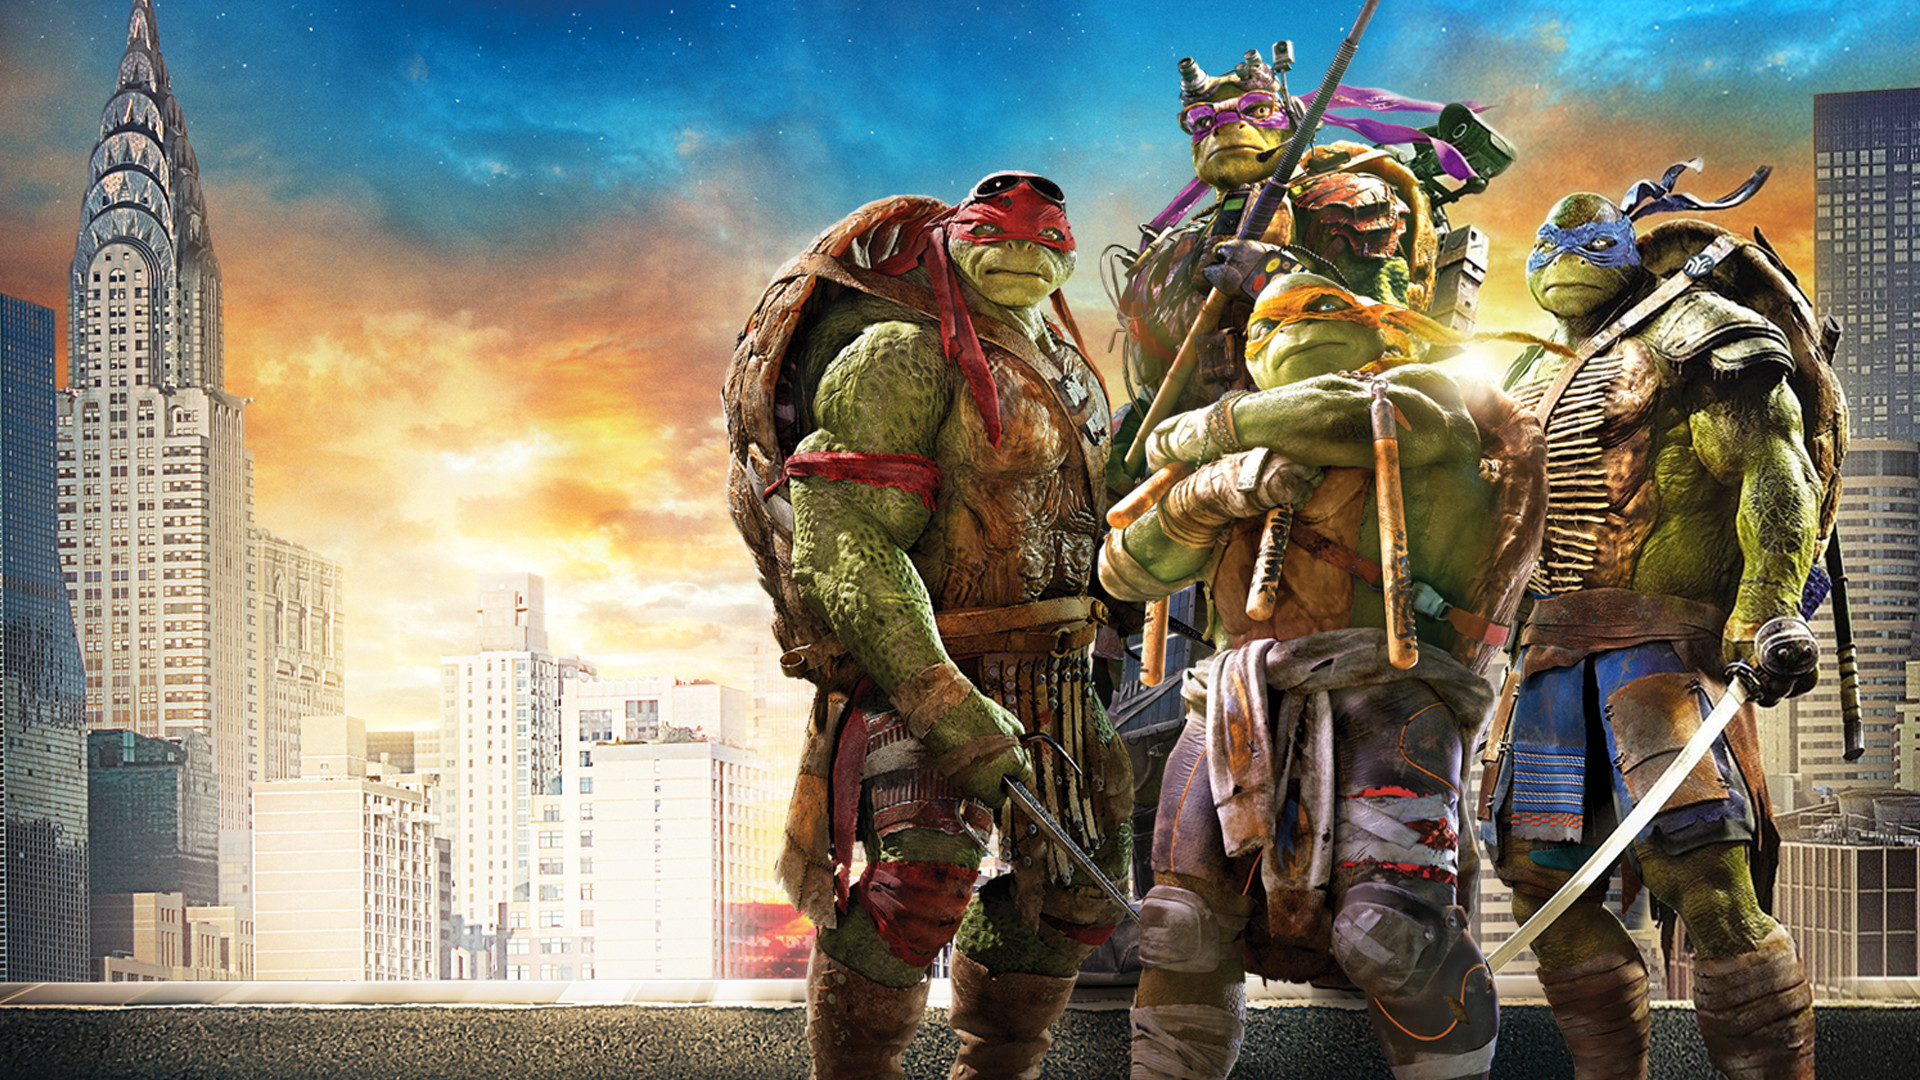 … Teenage Mutant Ninja Turtles Wallpaper by sachso74